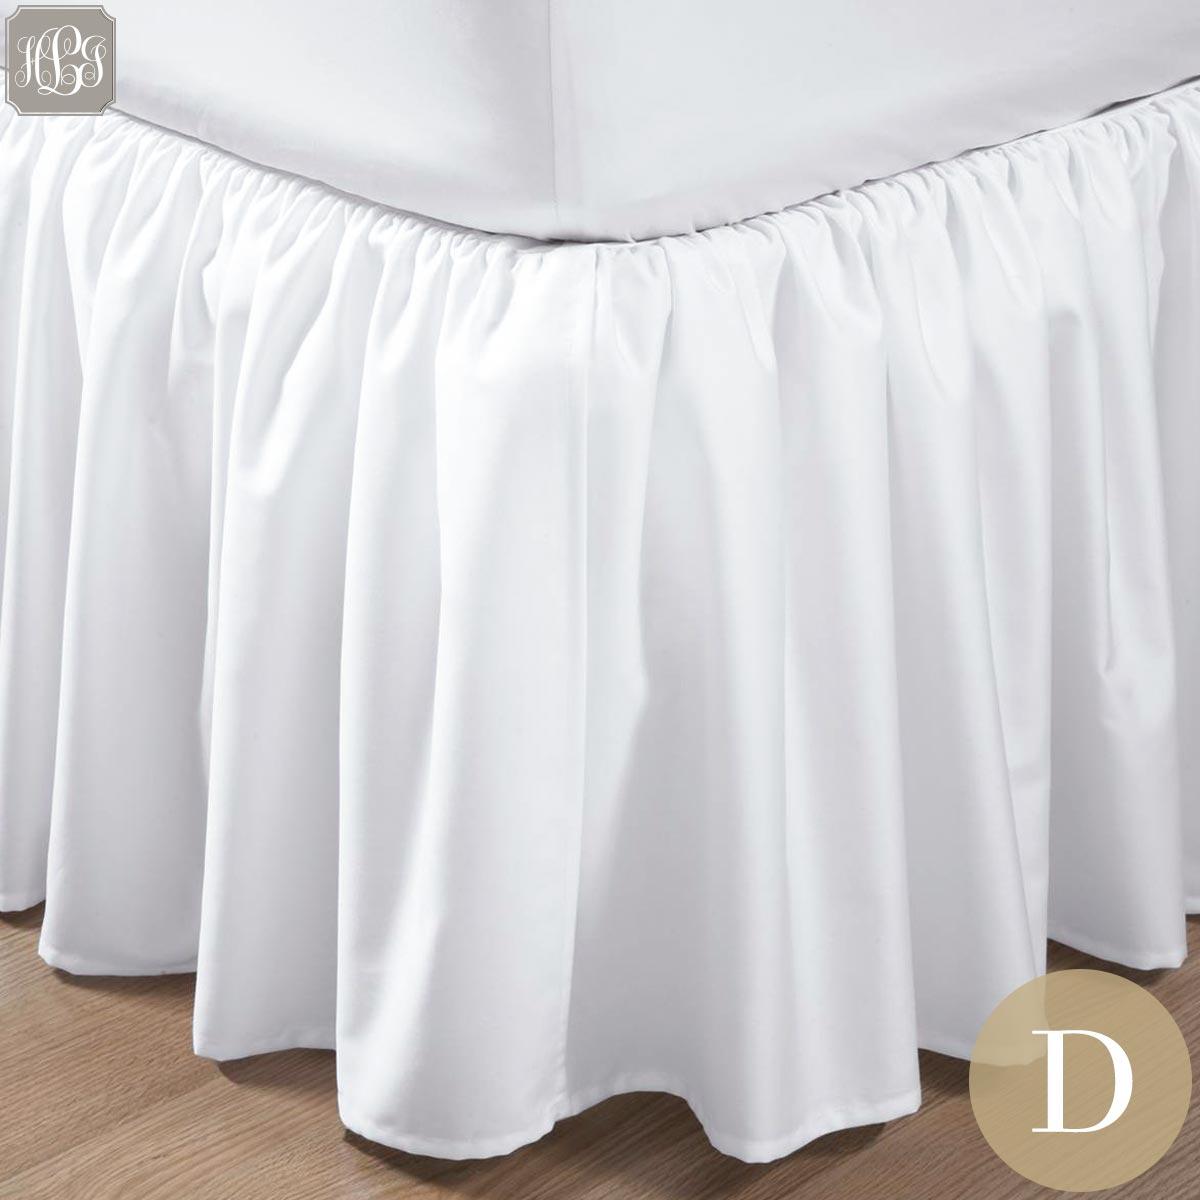 ベッドスカート | ダブル | 140cm x200cm | 高さ25cm | 400TC ギャザードベッドスカート 送料無料